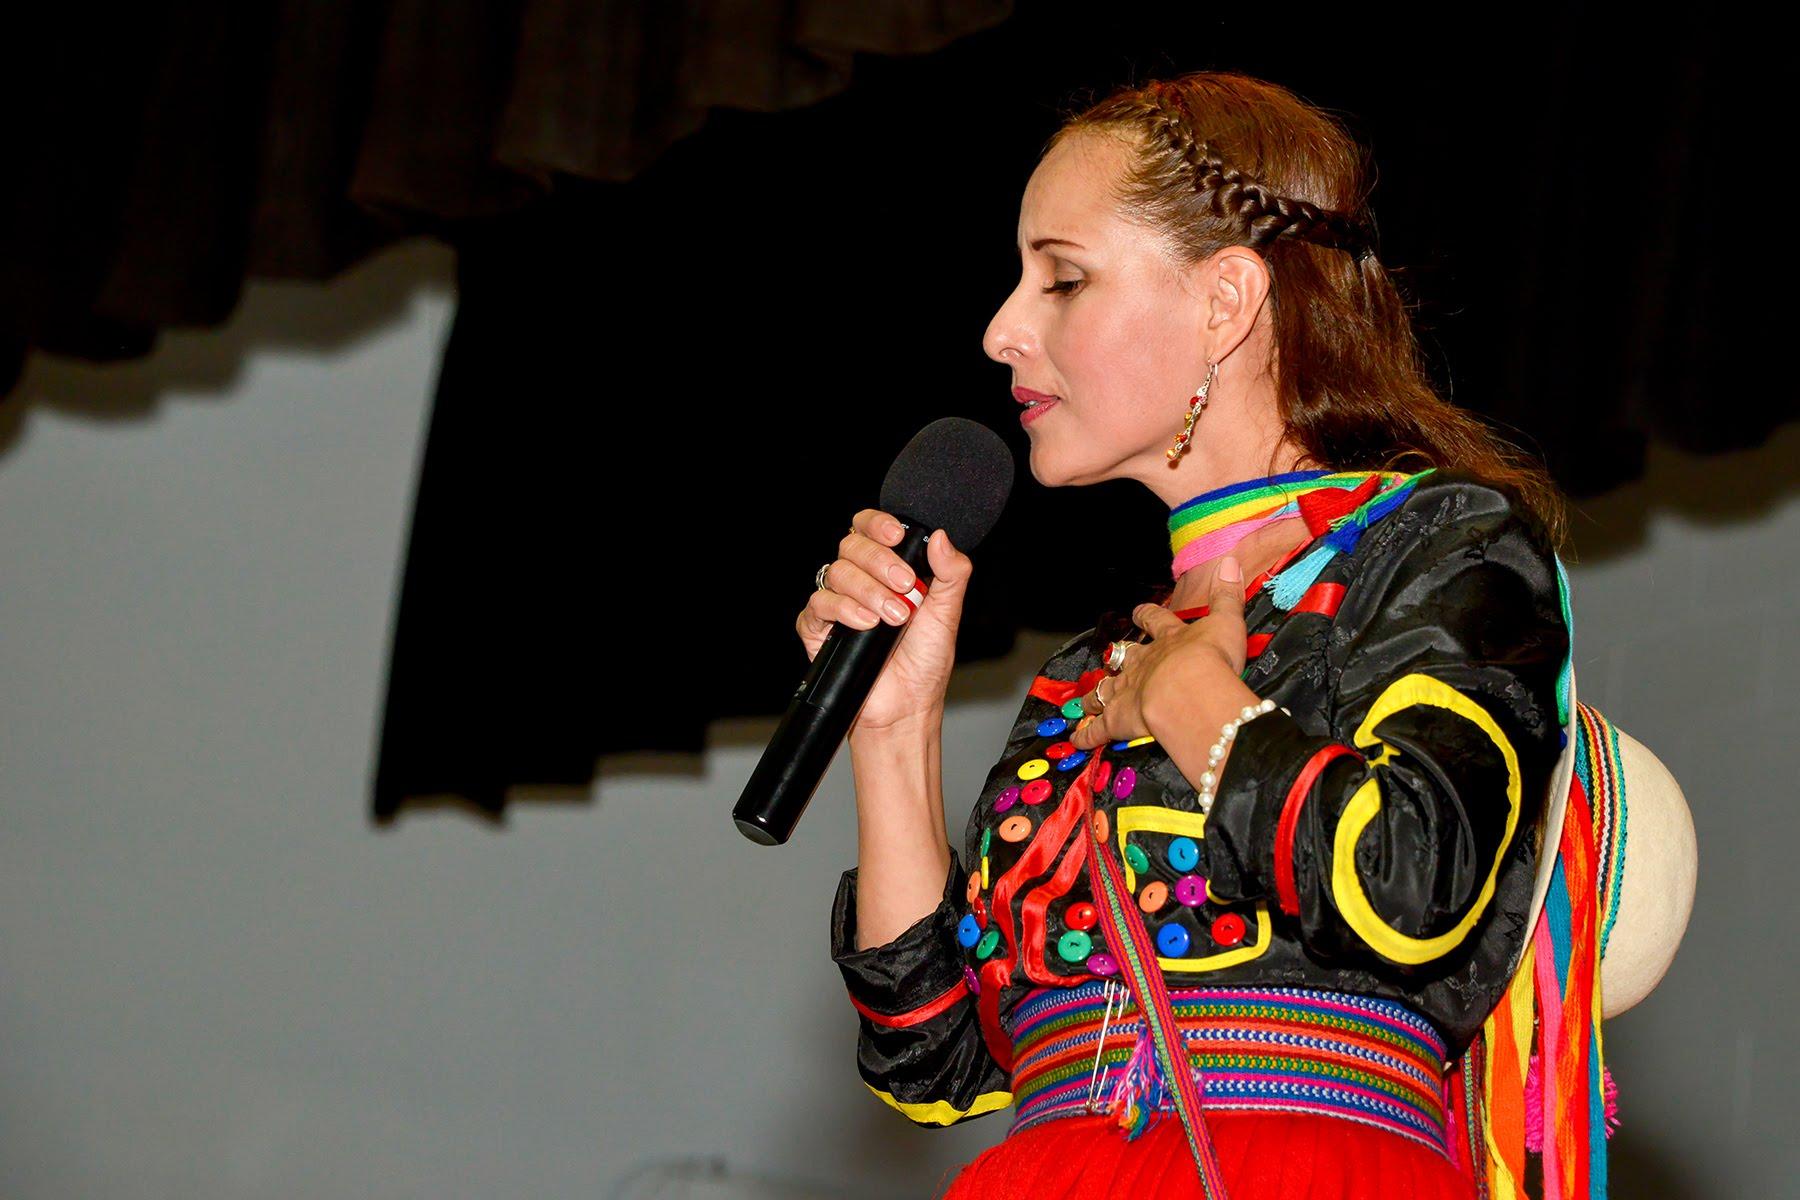 Nancy Manchego